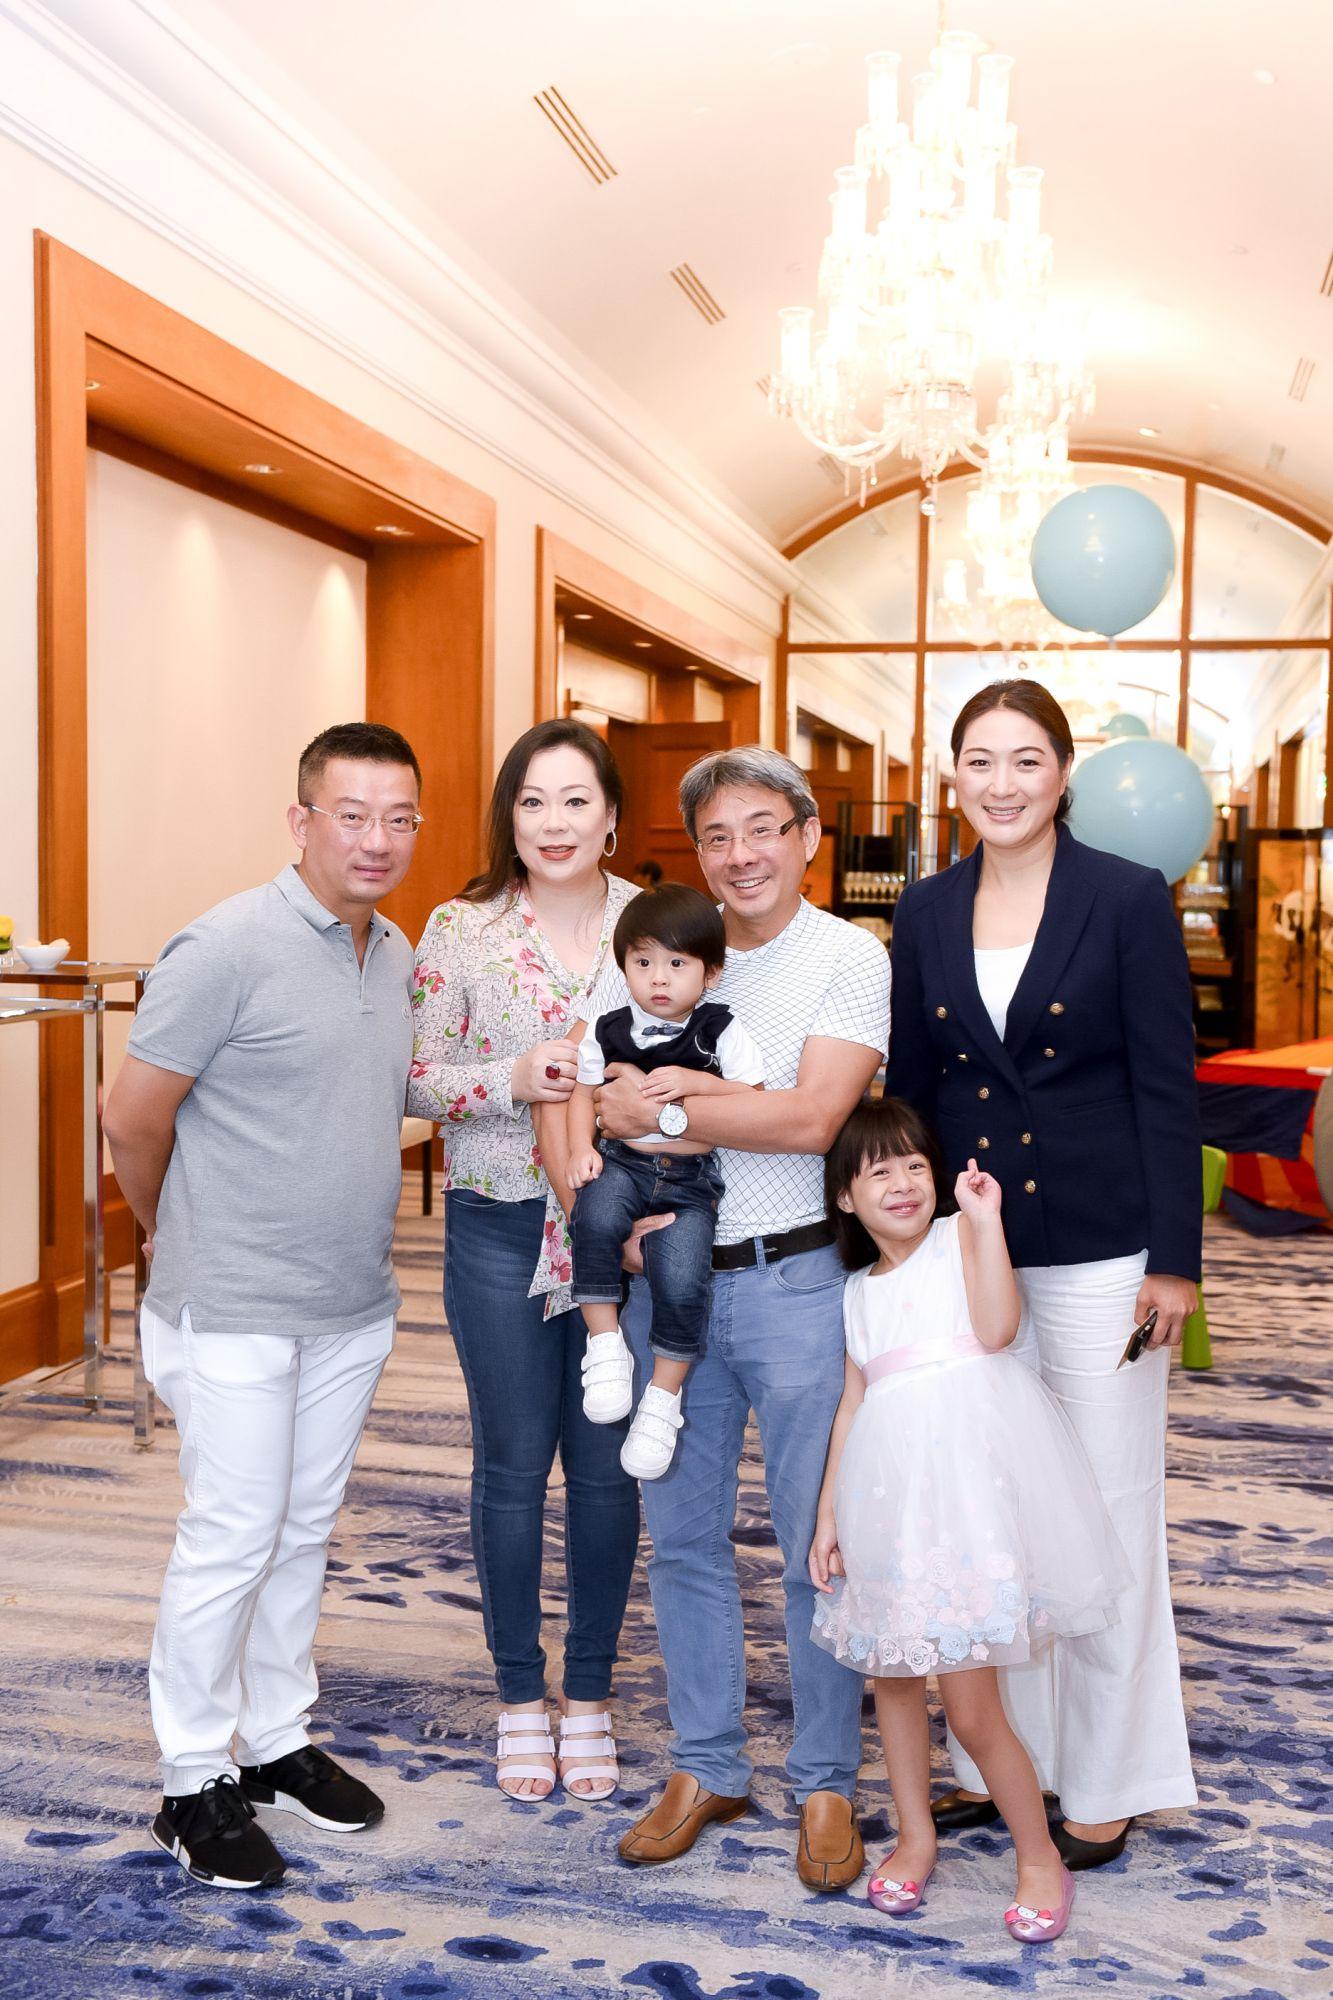 Edwin Chua, Cheryl Lee, Liam Quah, Quah Soon Hong, Lauren Quah, Nana Au-Chua